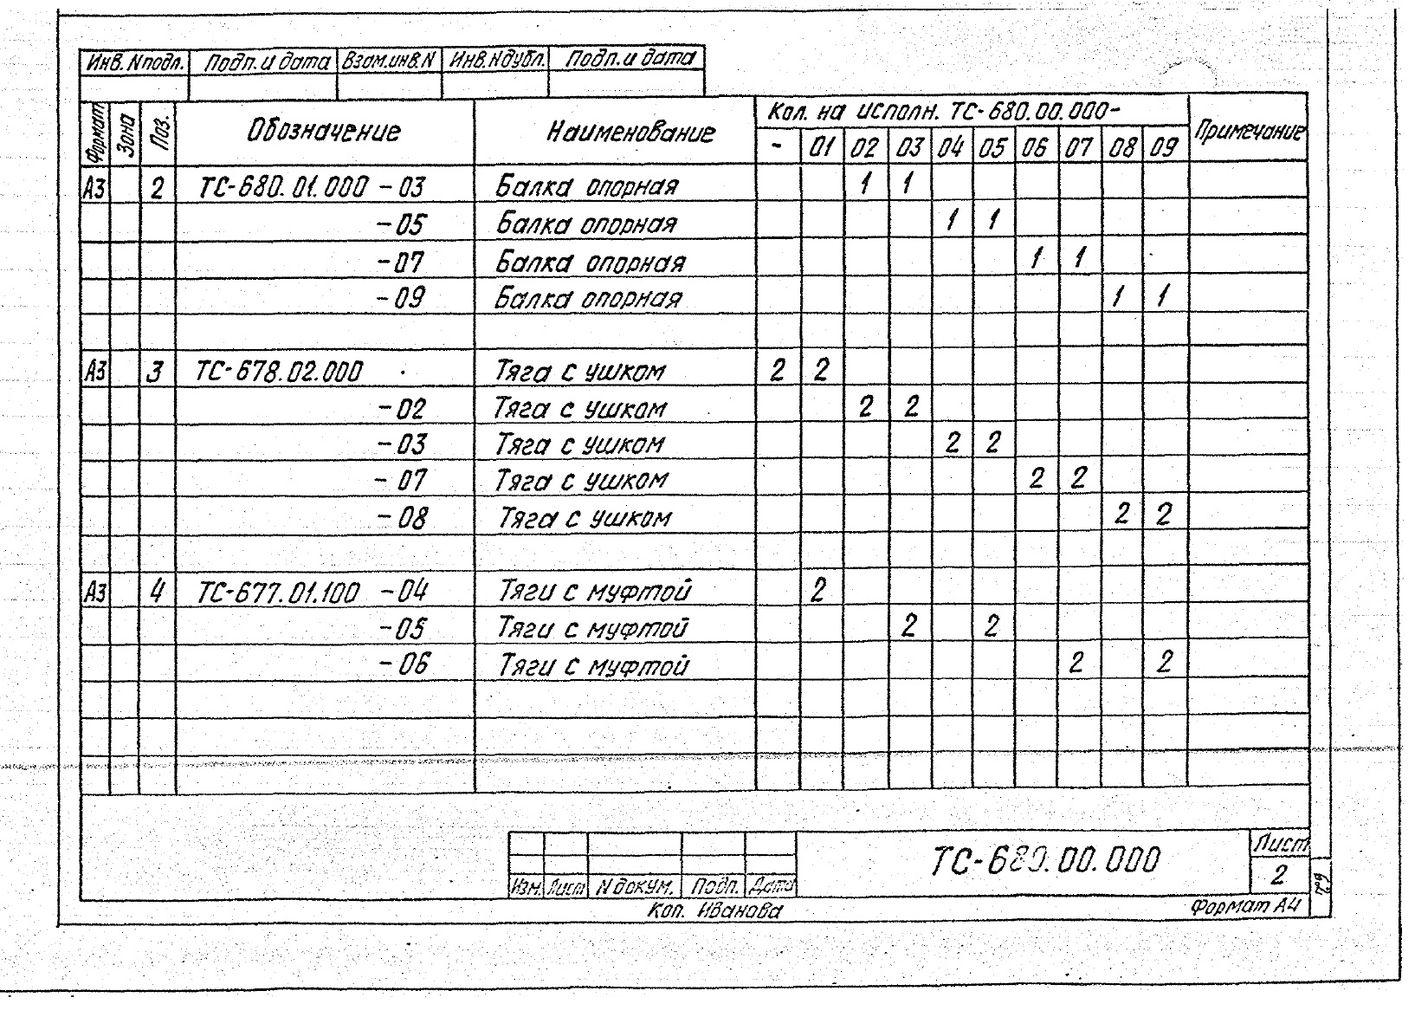 Podveski zhestkie Dn377-1420 TS-680 s.5.903-13 vyp.6-95 str.4